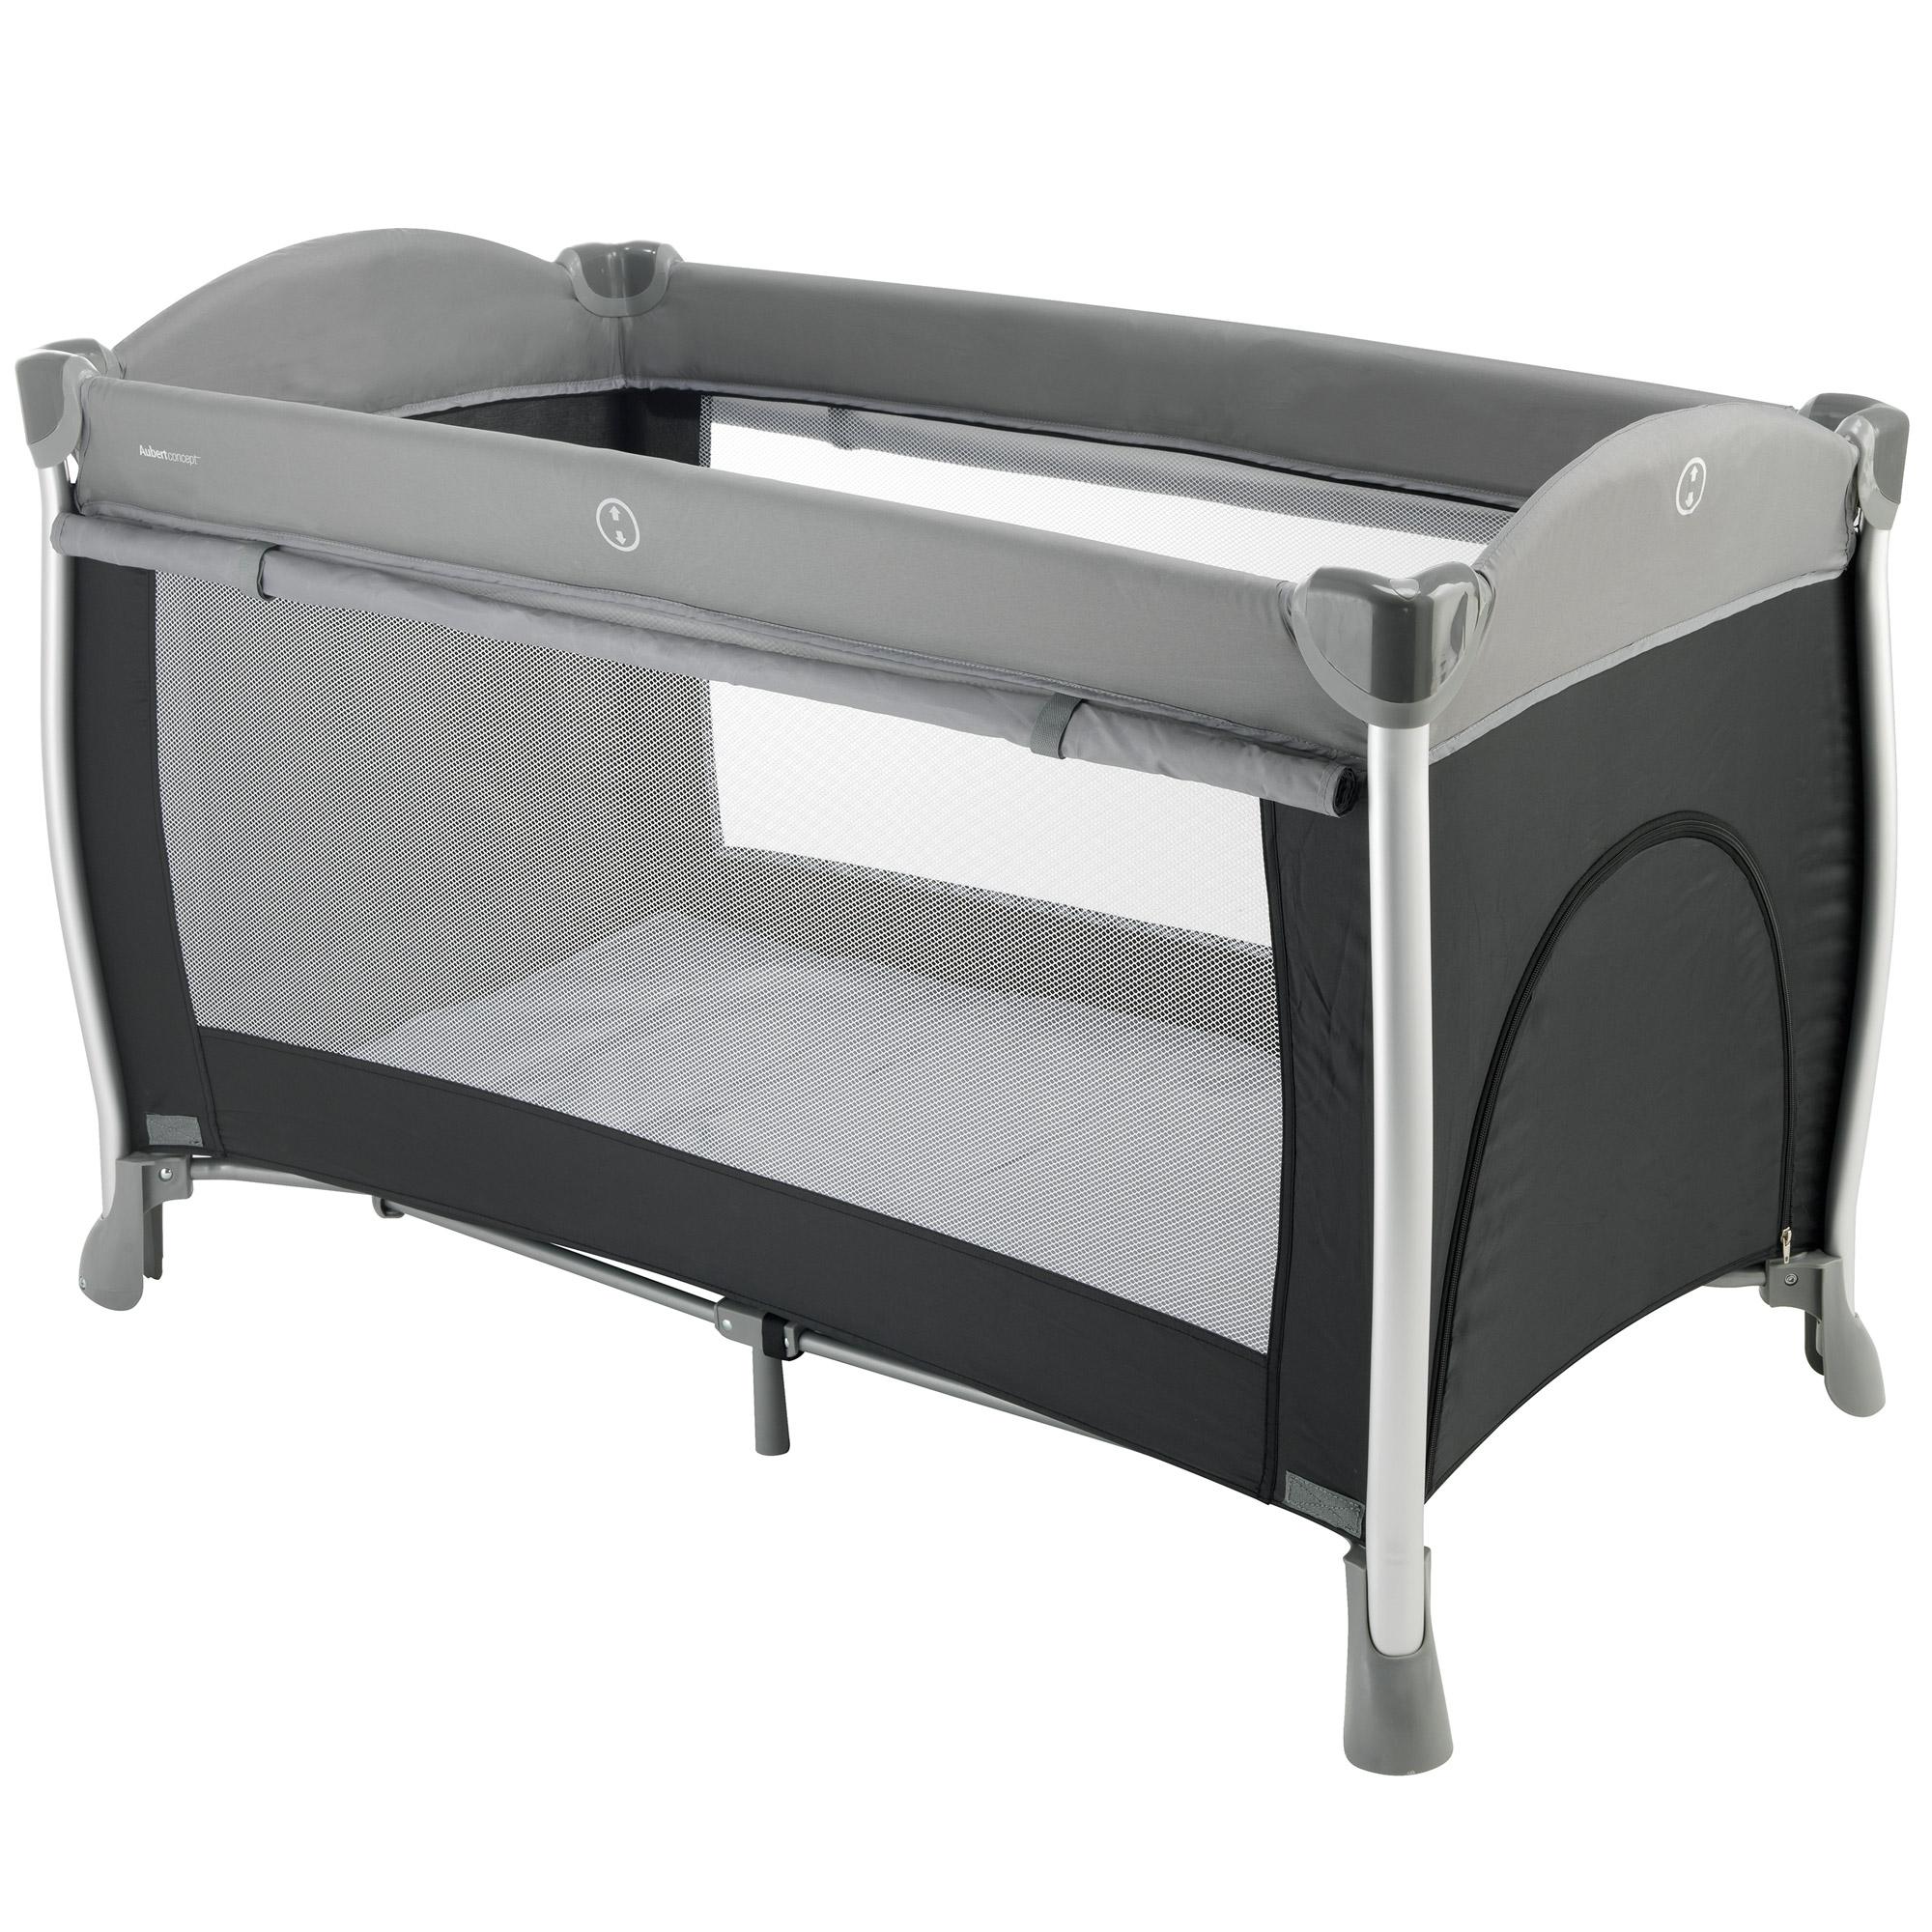 Lit confort noir gris de aubert concept lits parapluies aubert - Rehausseur lit parapluie ...